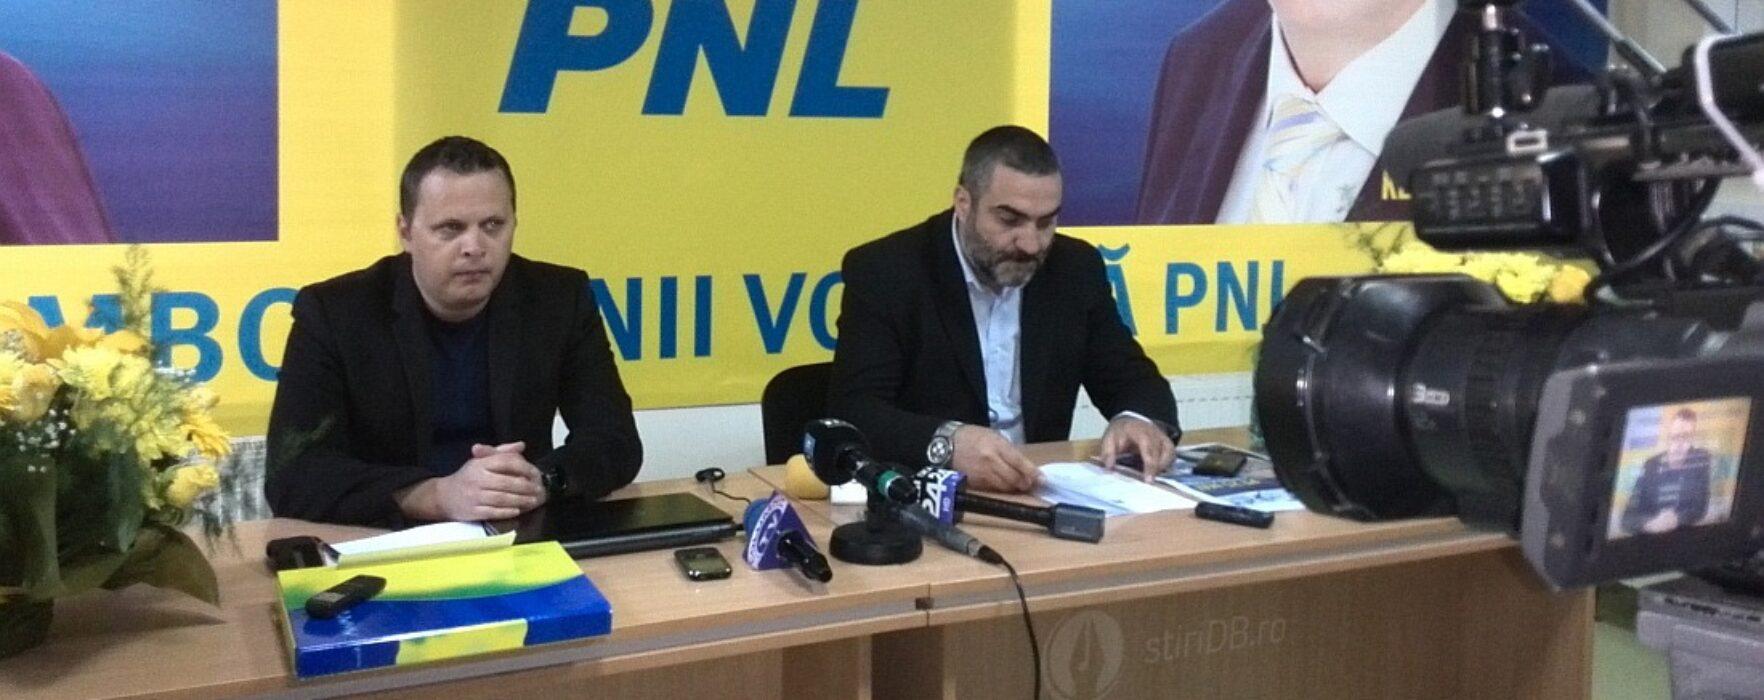 Mihail Volintiru (PNL): Nu am legătură cu acuzele ce mi se aduc referitor la lipirea autocolantelor pe maşini